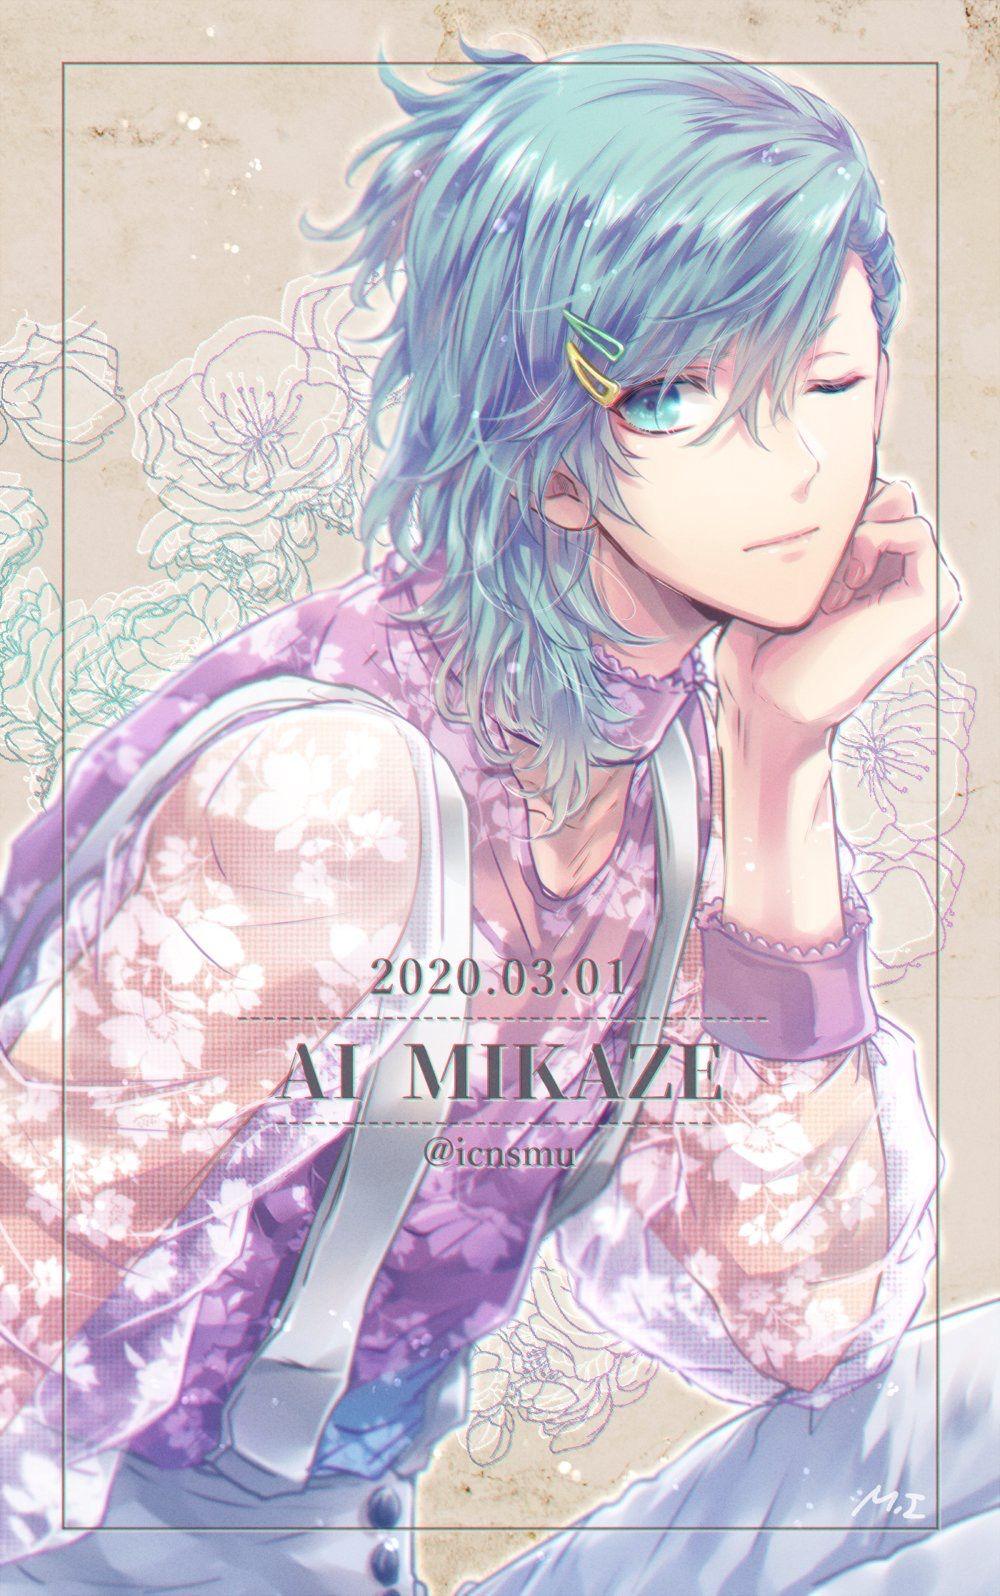 Pin by joud on ai mikaze uta no prince sama anime utas